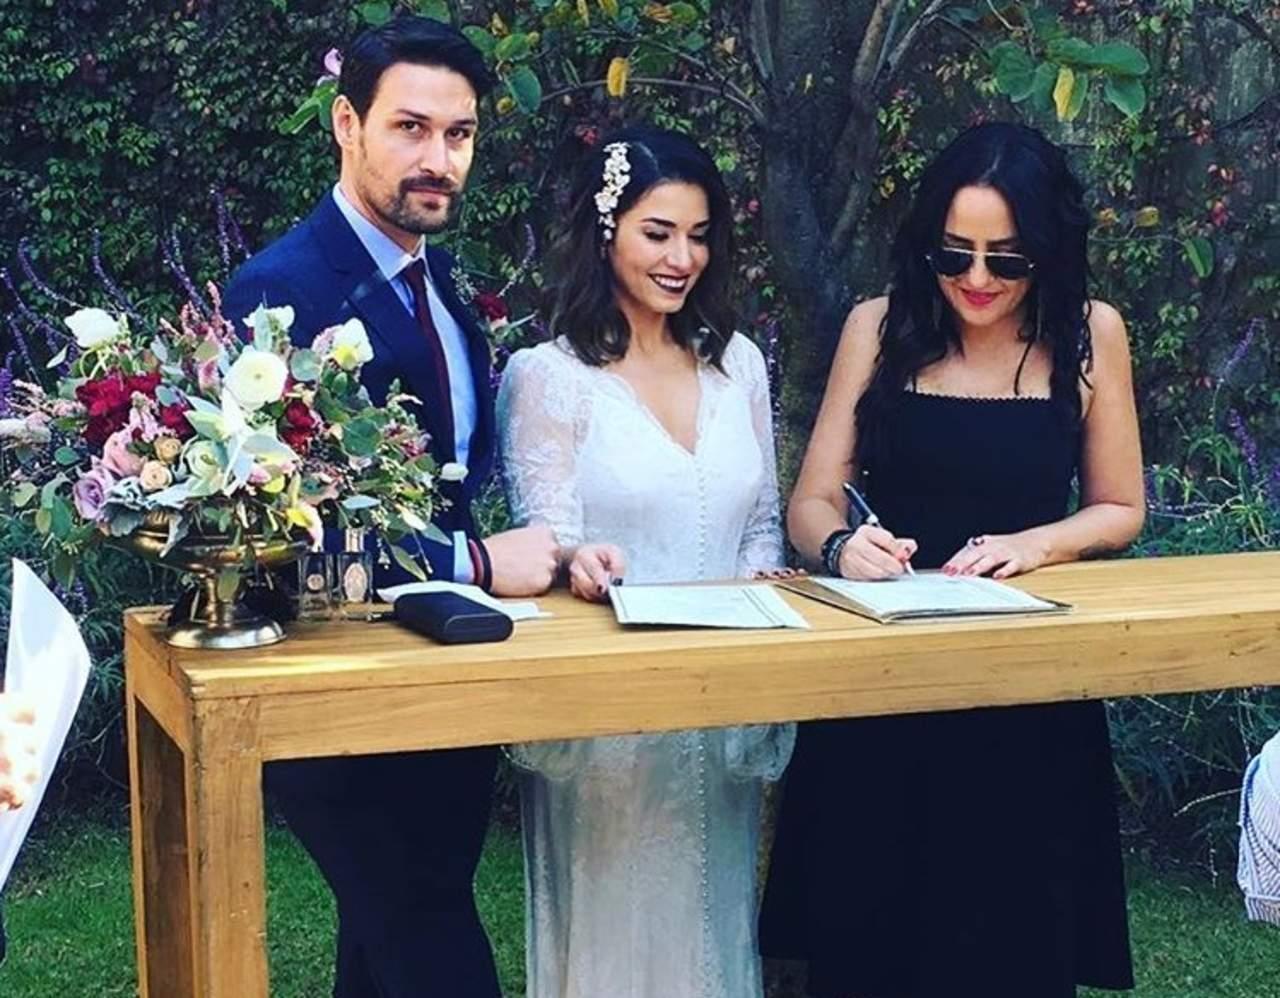 Parejas de famosos que se casaron en el 2016 (Segunda parte)